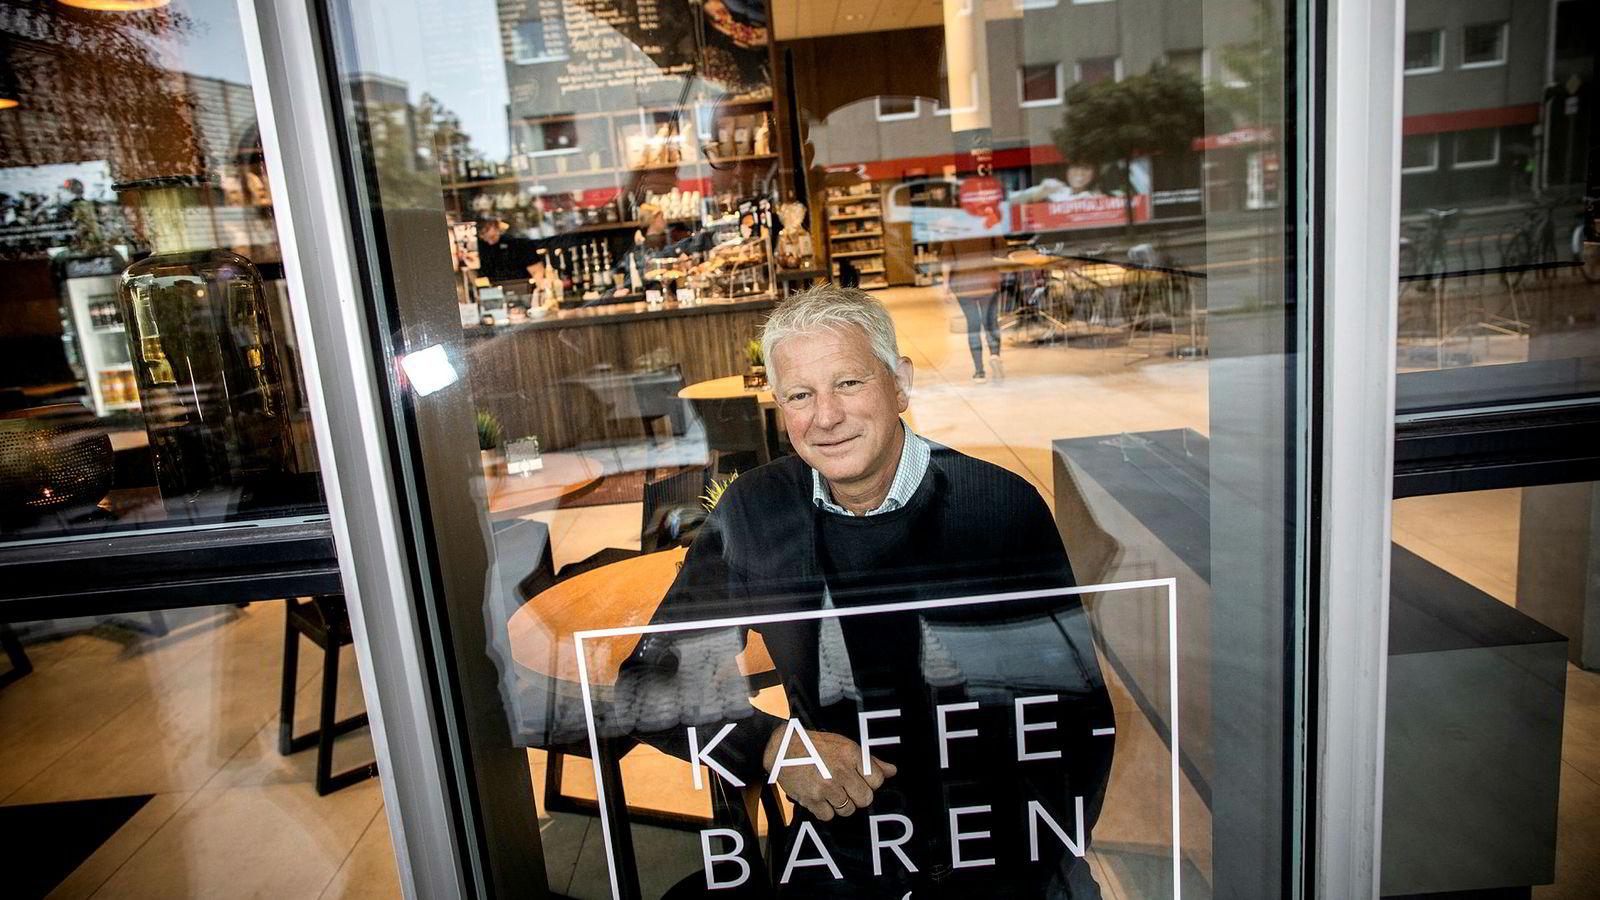 Q42 i Kristiansand har bar, men kun for de kaffetørste. – Det er ikke aktuelt å endre vår avholdspolicy, sier Billy Øksendal, som er daglig leder for Kristiansand Kongressenter og styreleder for Filadelfia Kristiansand.